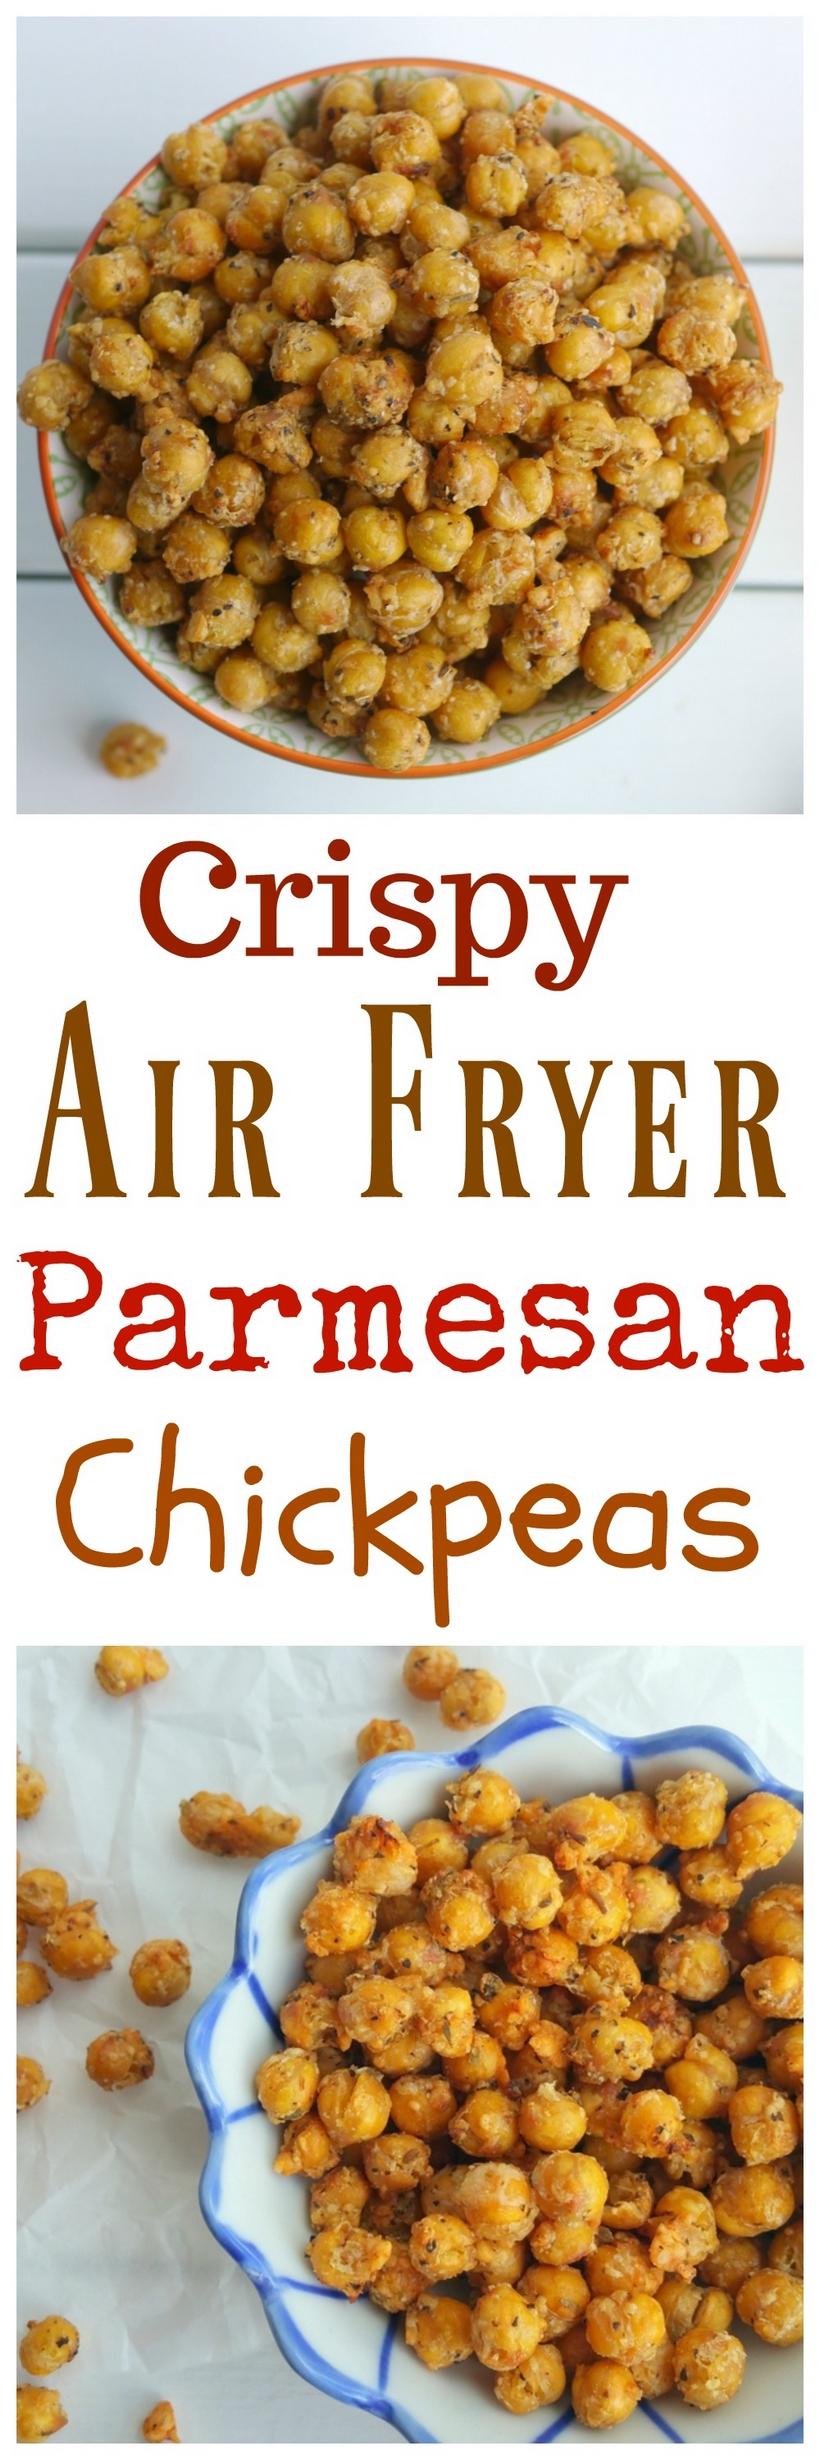 Crispy Air Fryer Parmesan Chickpeas #airfryer #chickpeas #garbanzobeans #glutenfree #plantbased